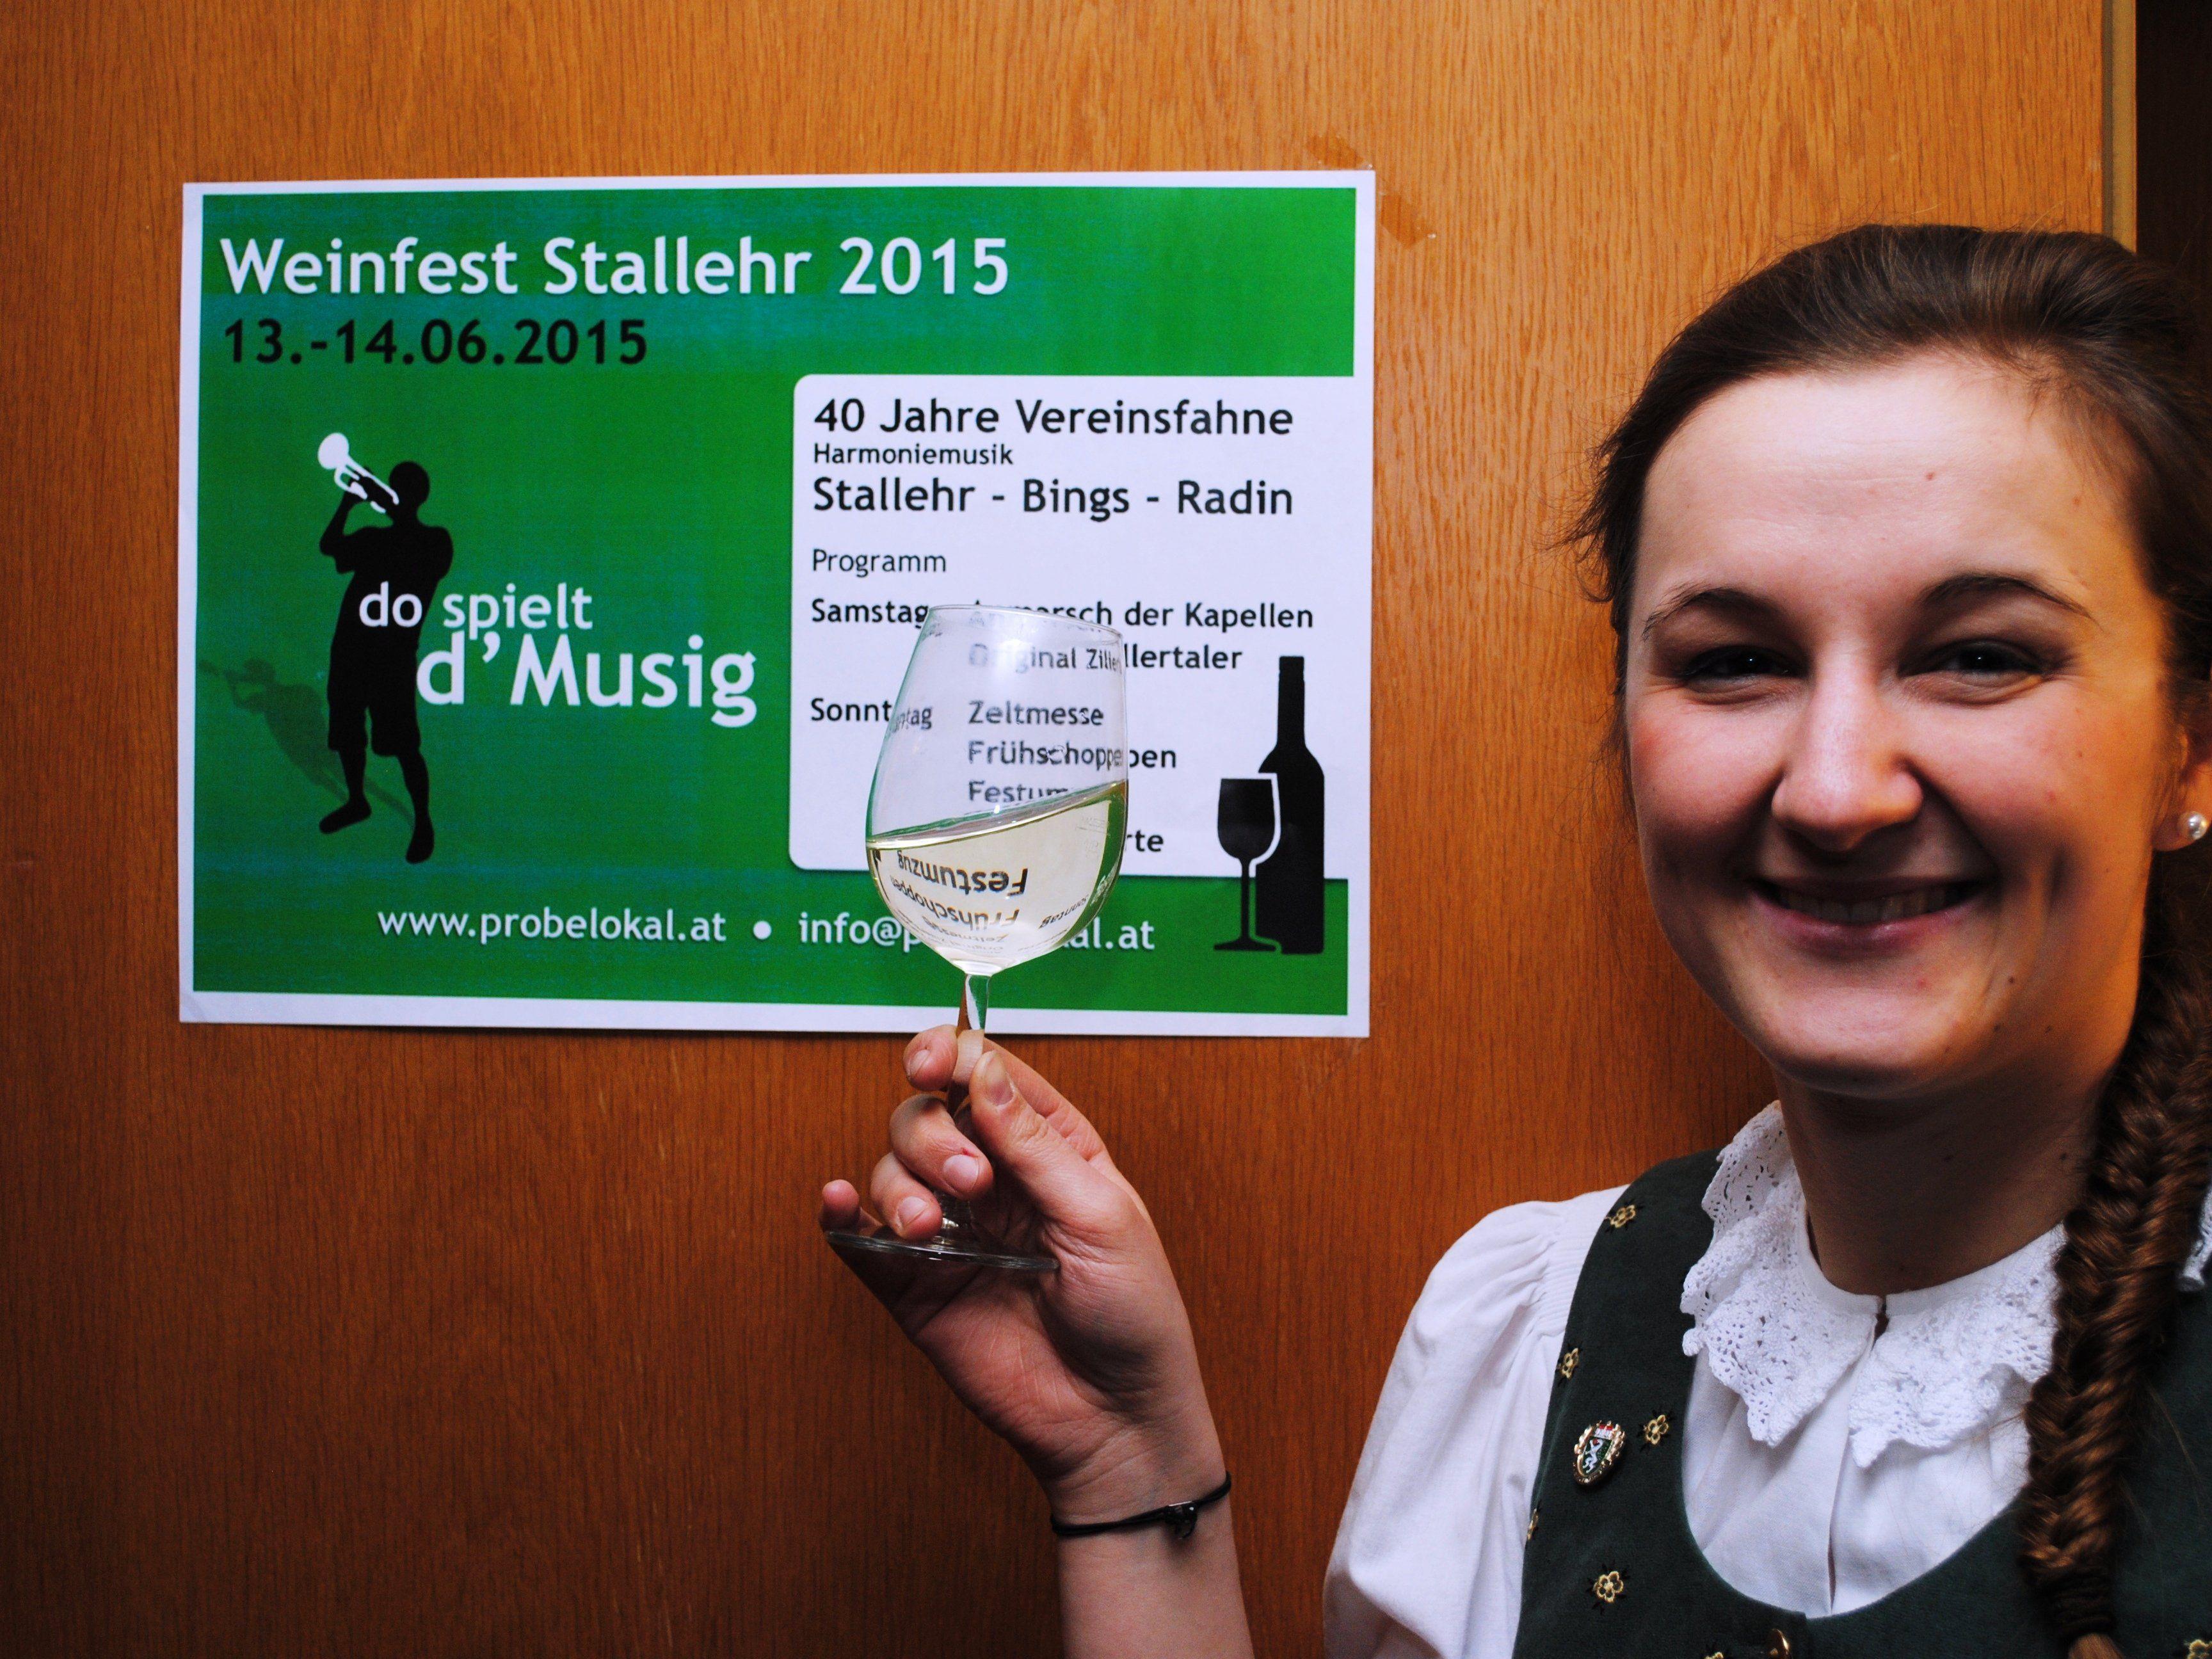 """Sogar die """"Original Zillertaler"""" konnten für das Weinfest gewonnen werden!"""